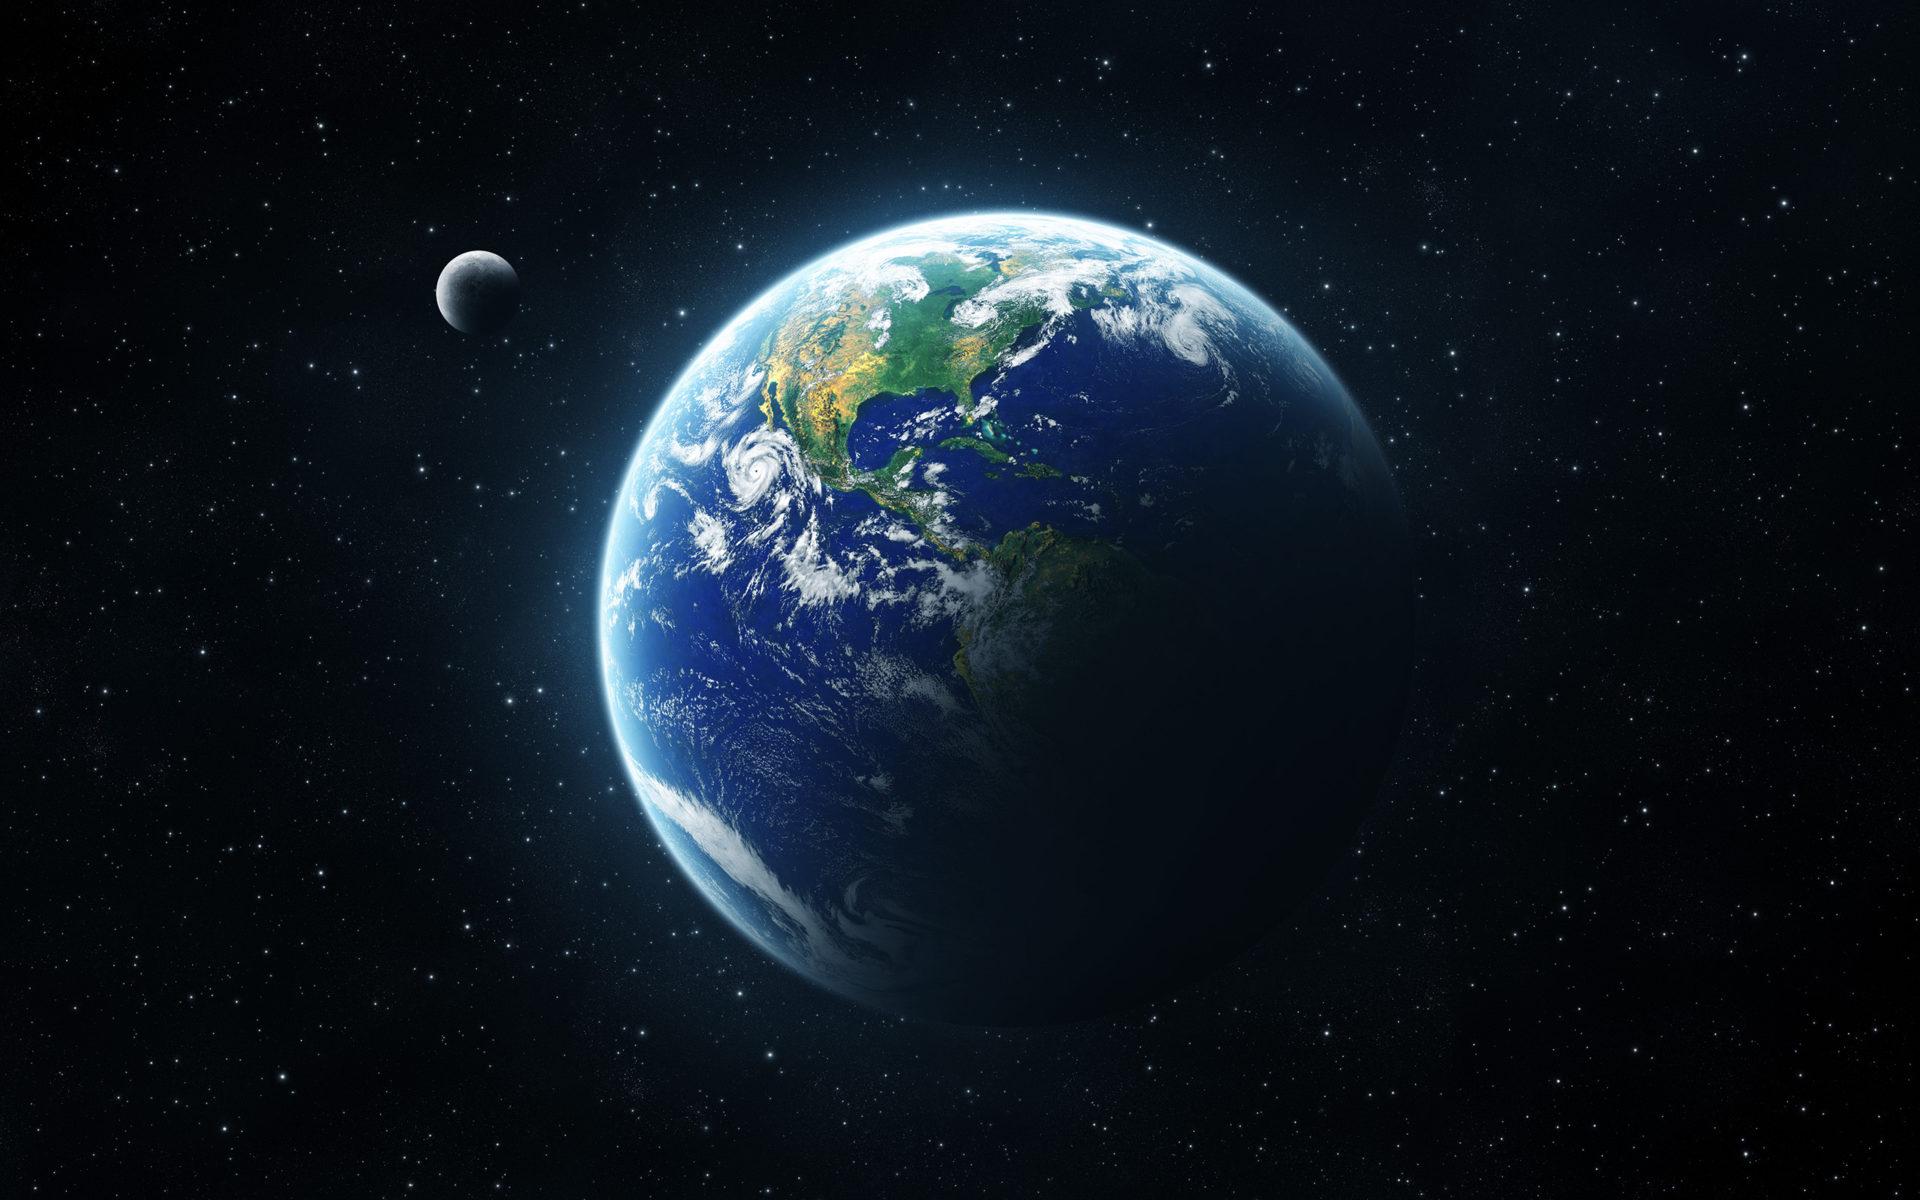 Лекция «Земля из космоса»  в КЦ «Зодчие» – события на сайте «Московские Сезоны»